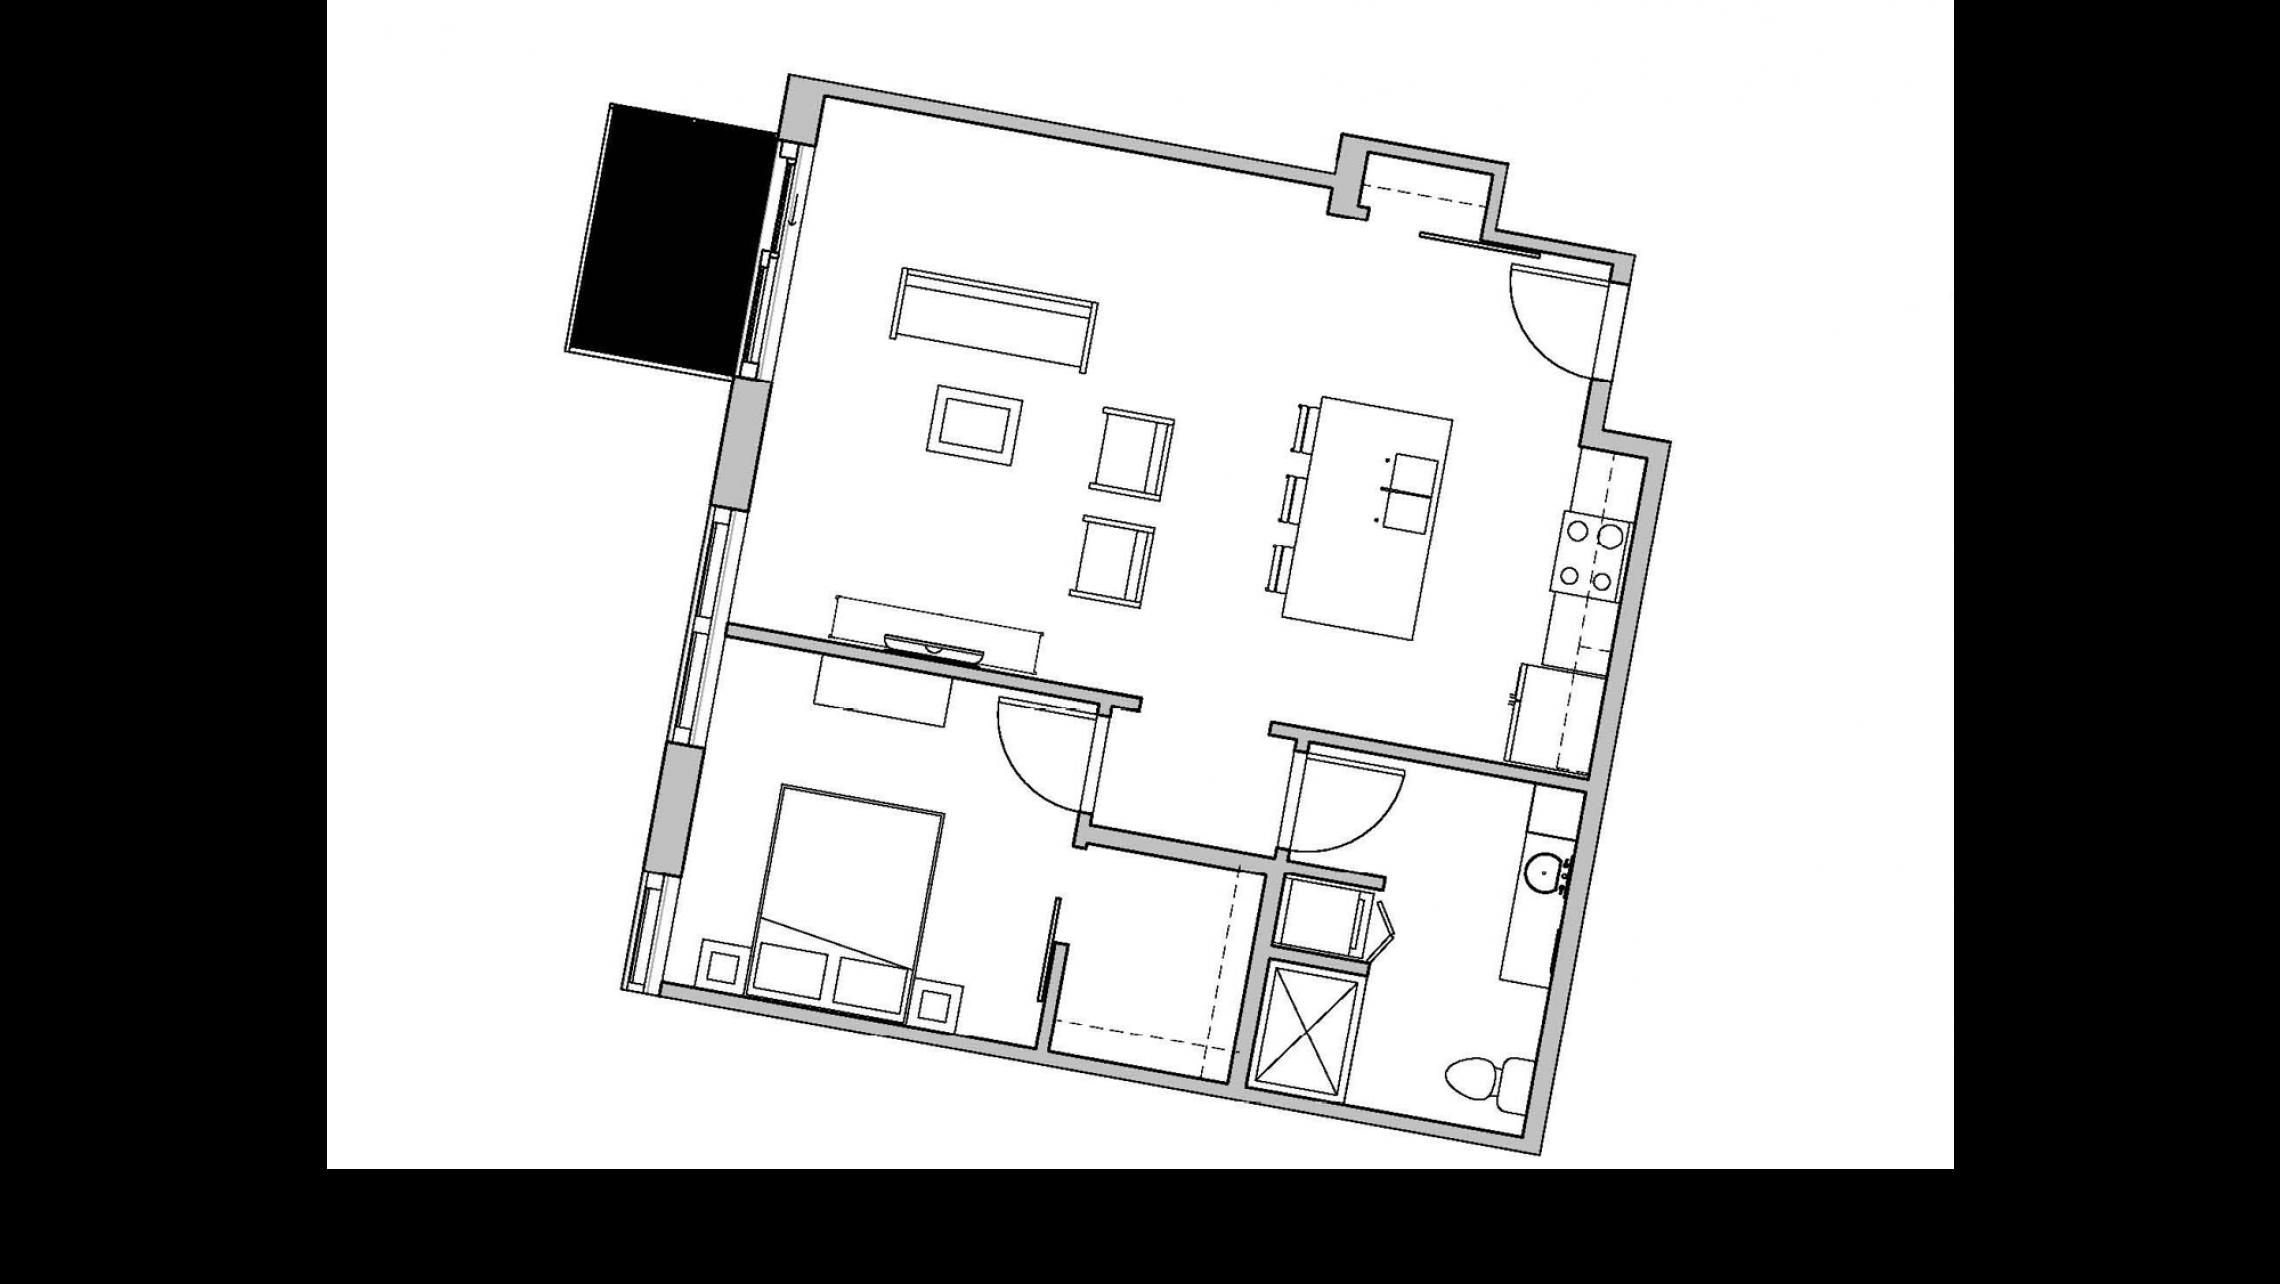 ULI Seven27 232 - One Bedroom, One Bathroom